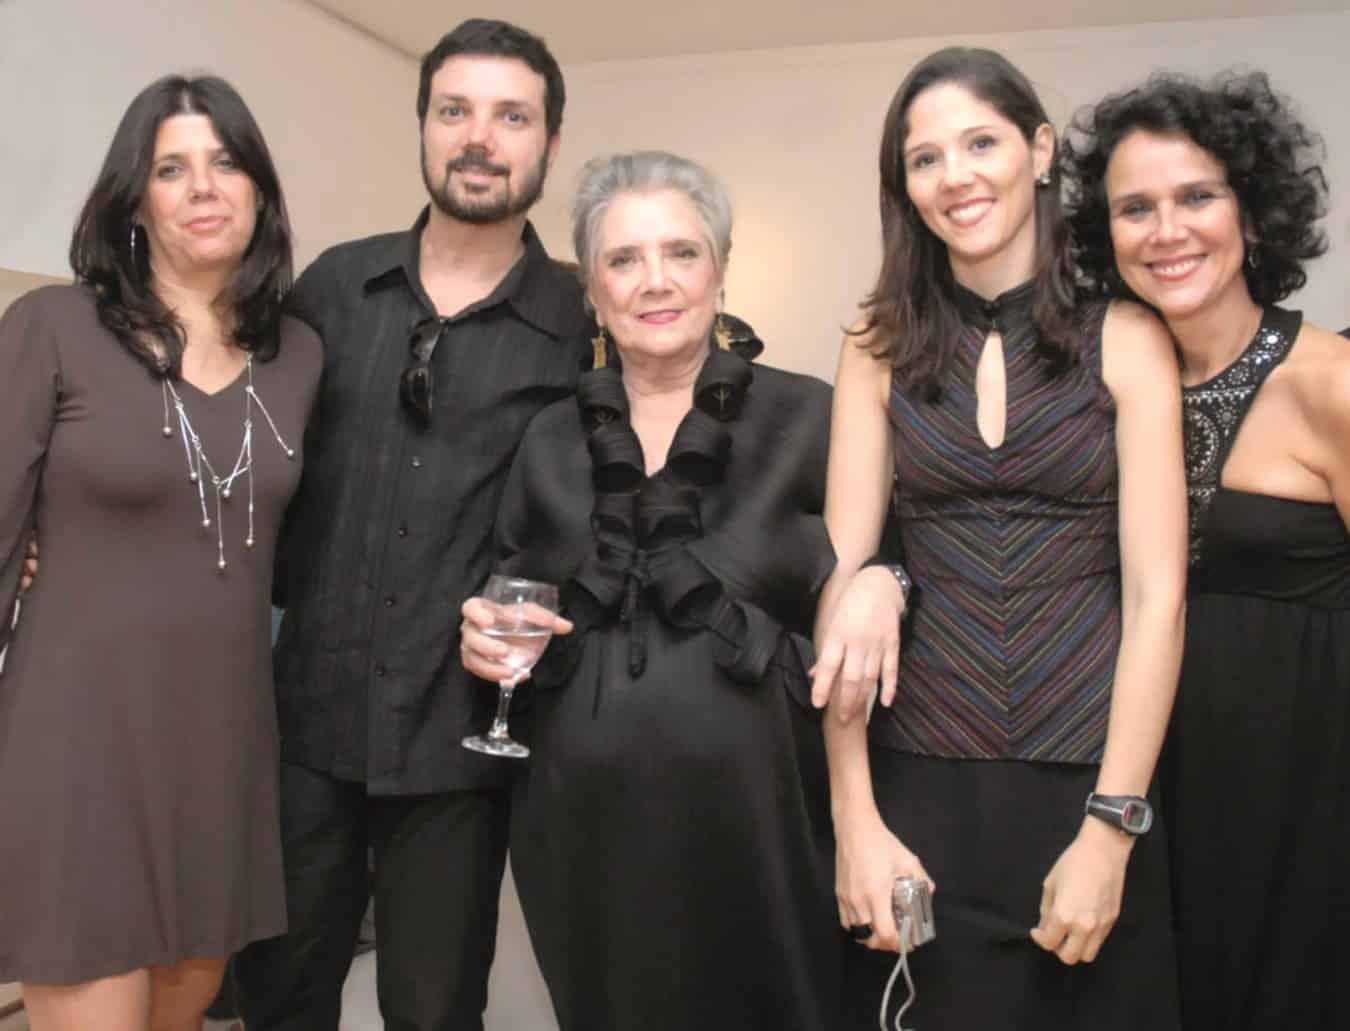 janete 07 - #SIM52  Janete Costa